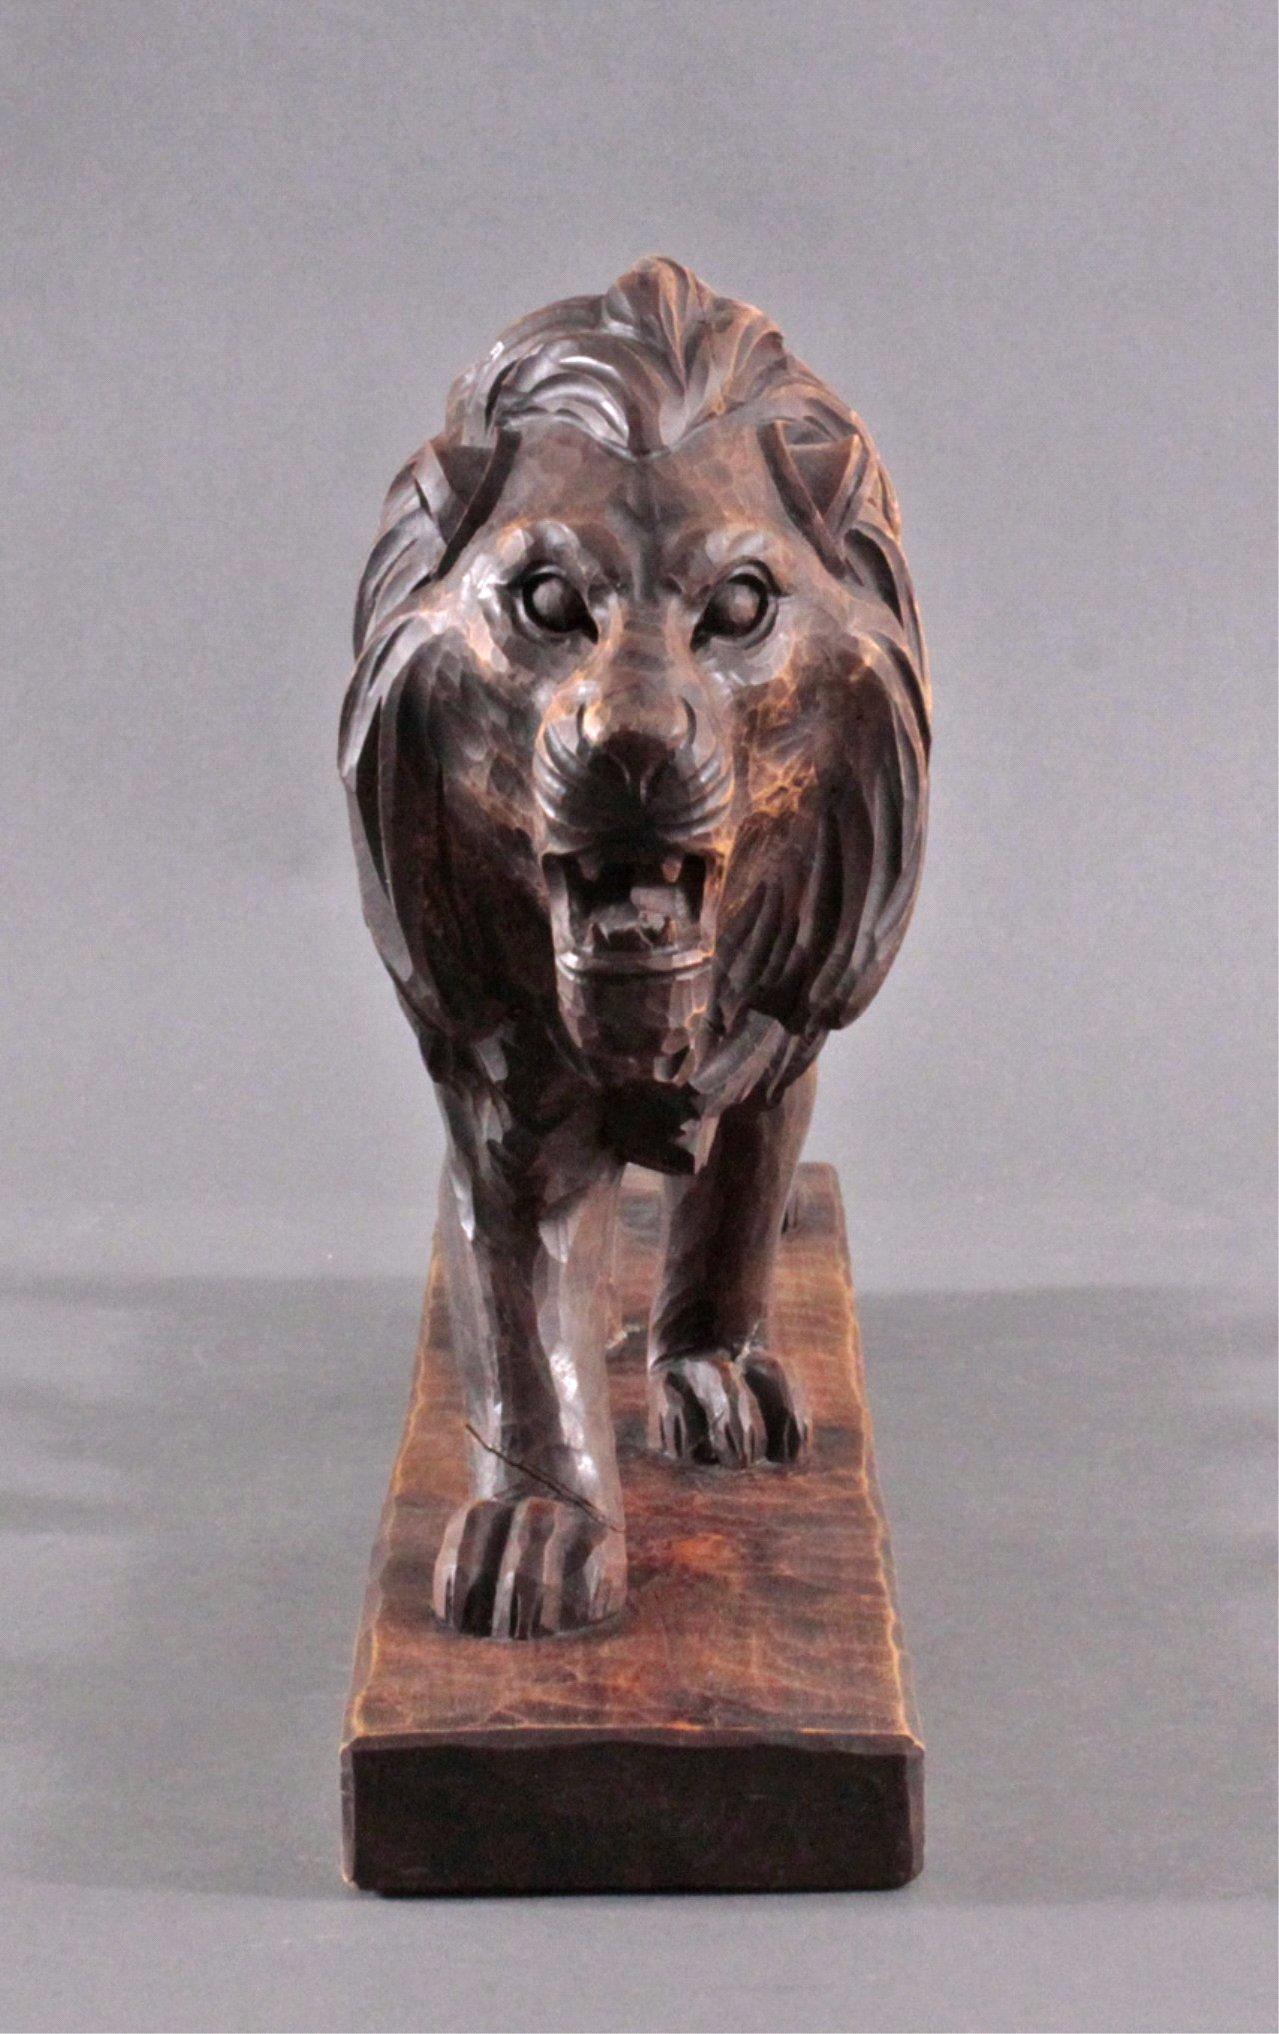 Brüllender Löwe, Holzskulptur-1